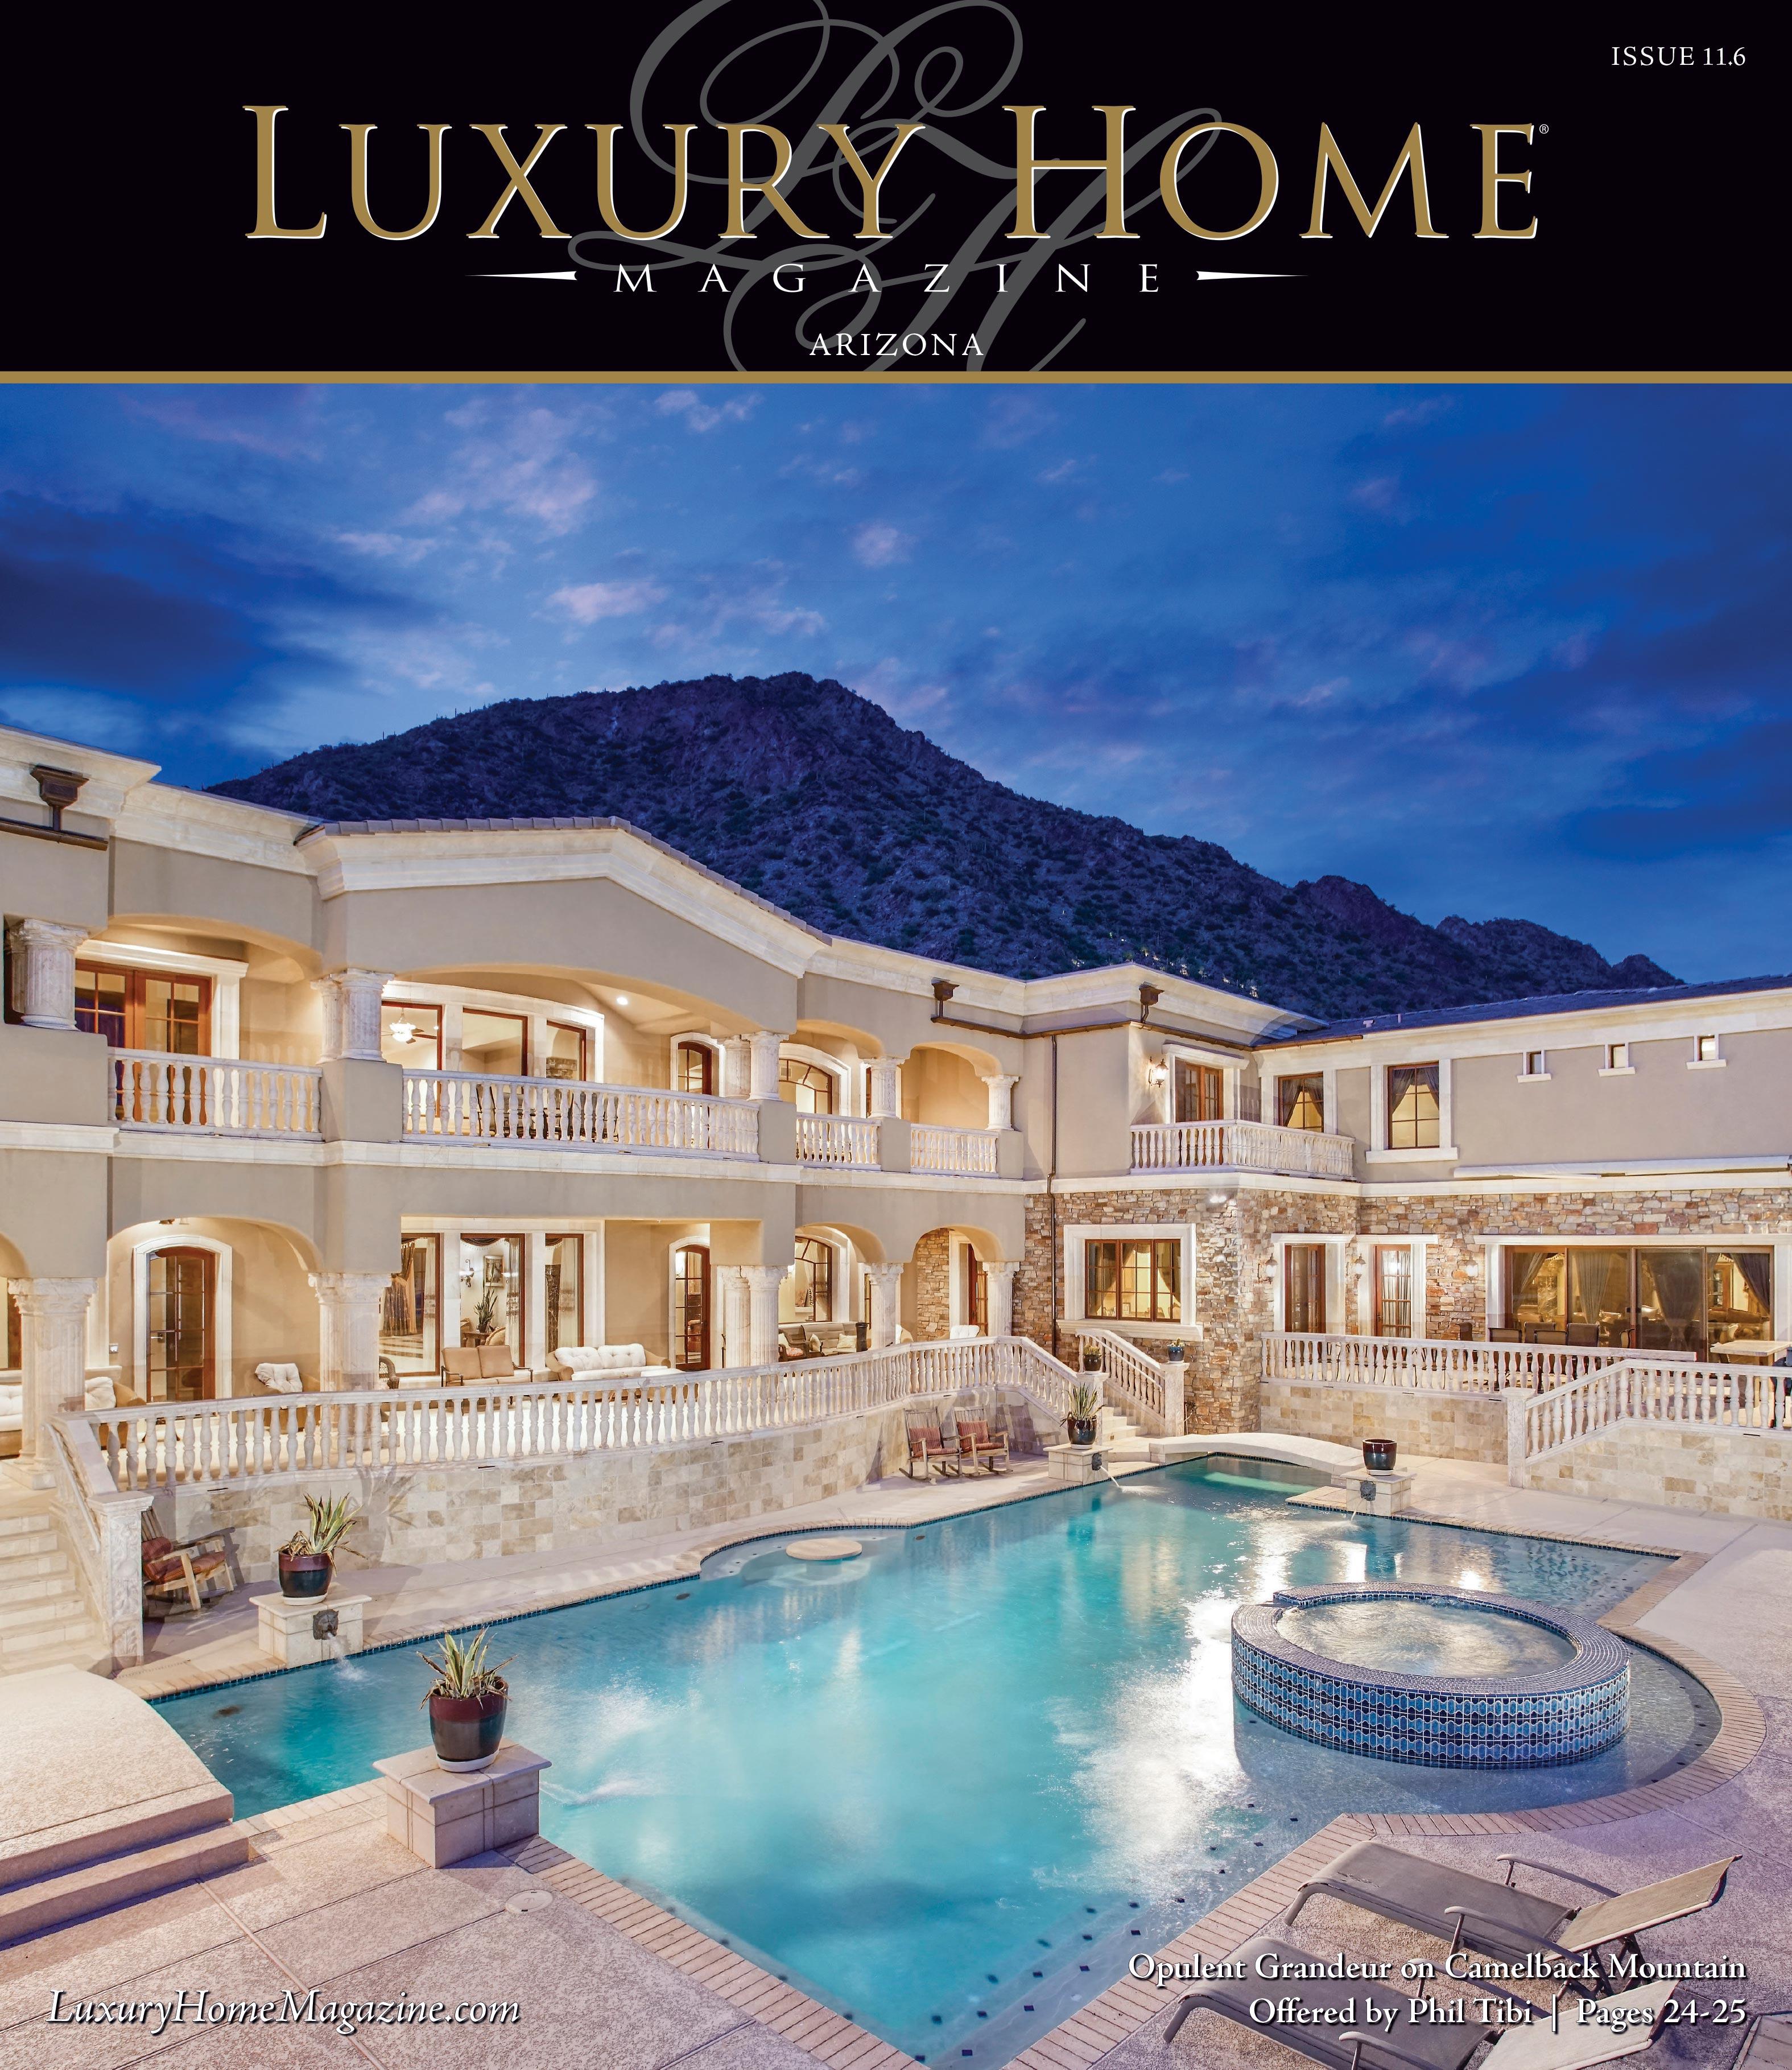 Luxury Home Magazine Takes Their Social Media To The Next